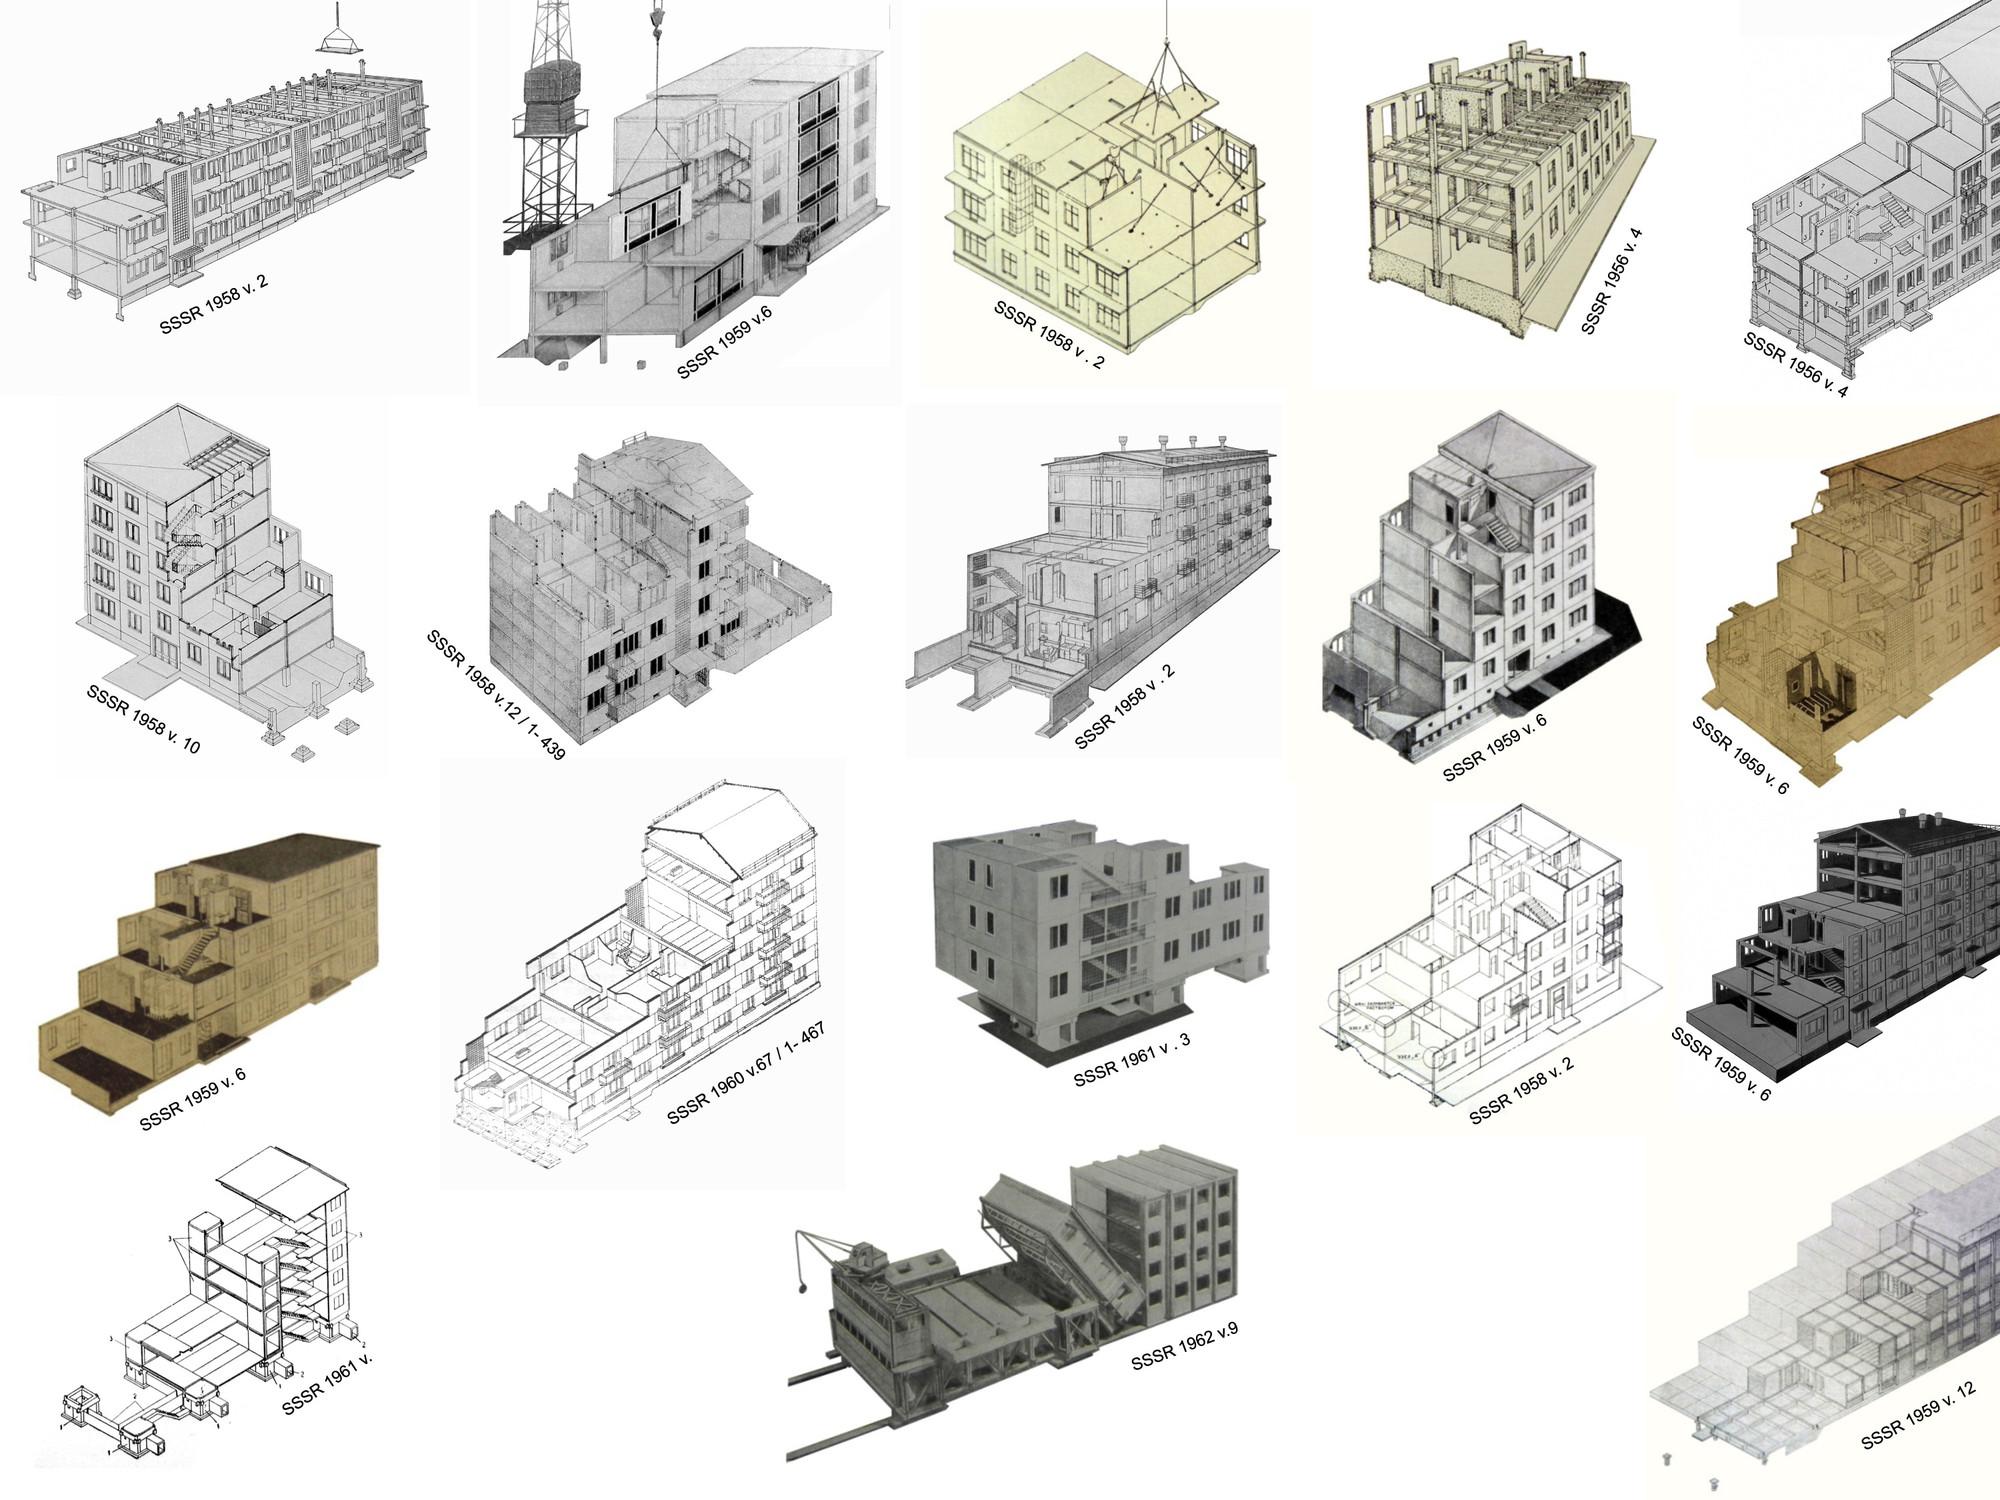 Pratt Explota la Importancia de la Guerra Fría en los Sistemas de Construcción Prefabricados, Prototipos de vVivienda - Pedro Alonso